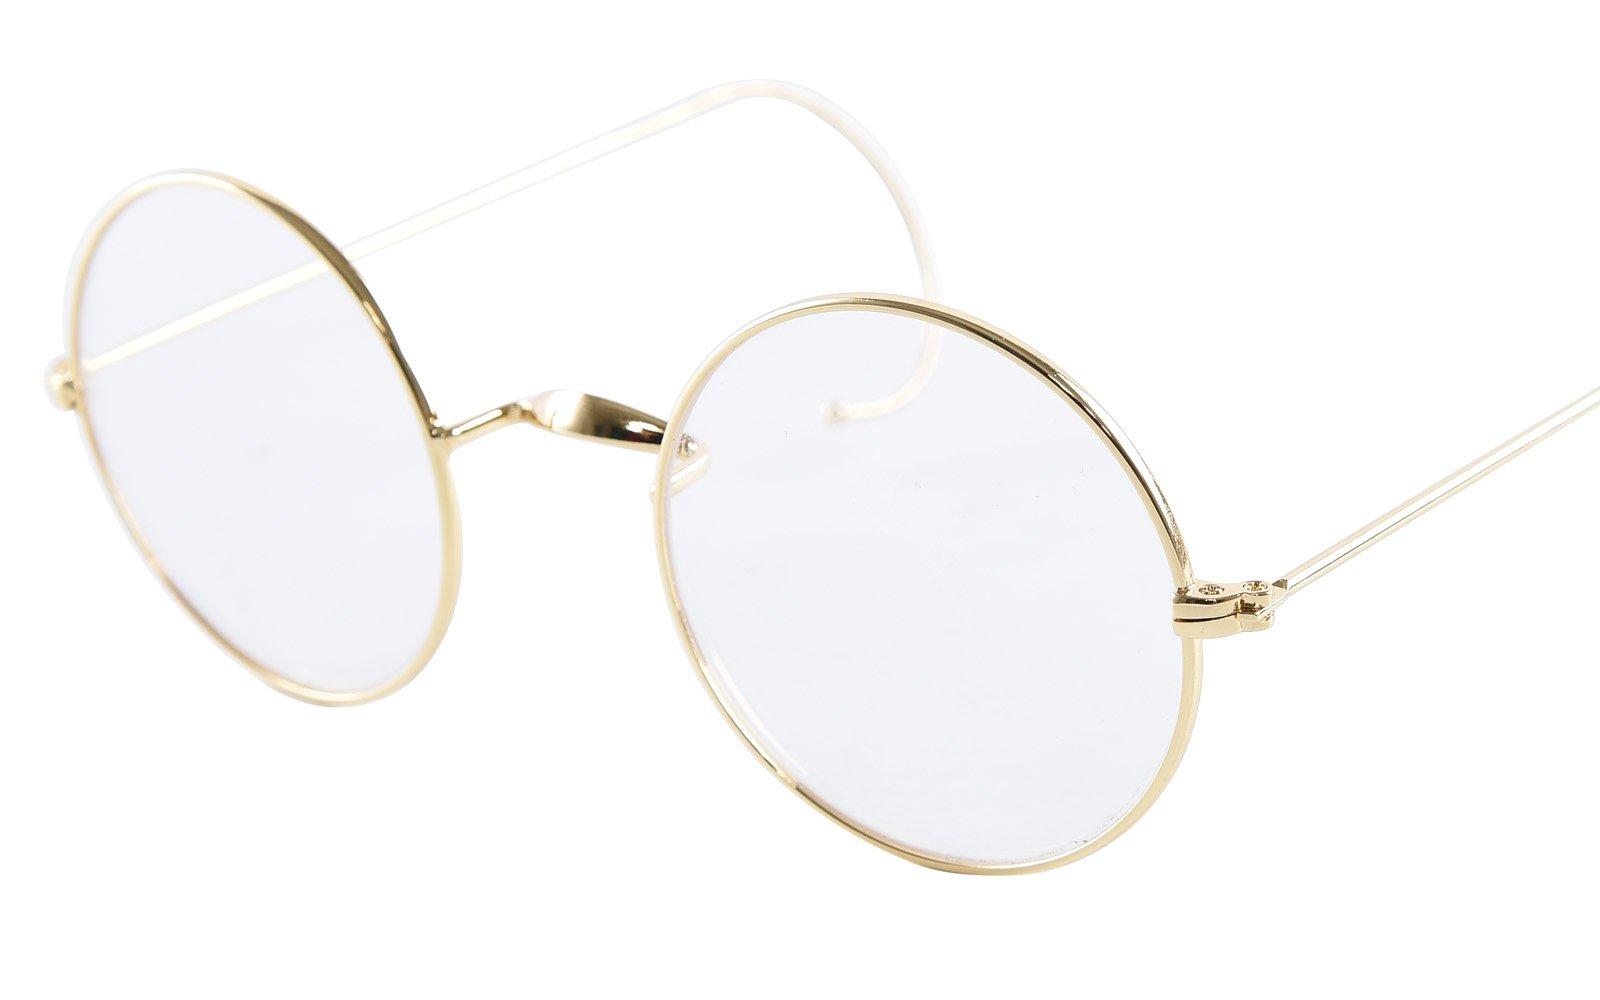 Eyeglass Frame Pads : Galleon - Agstum Retro Round Optical Rare Wire Rim ...